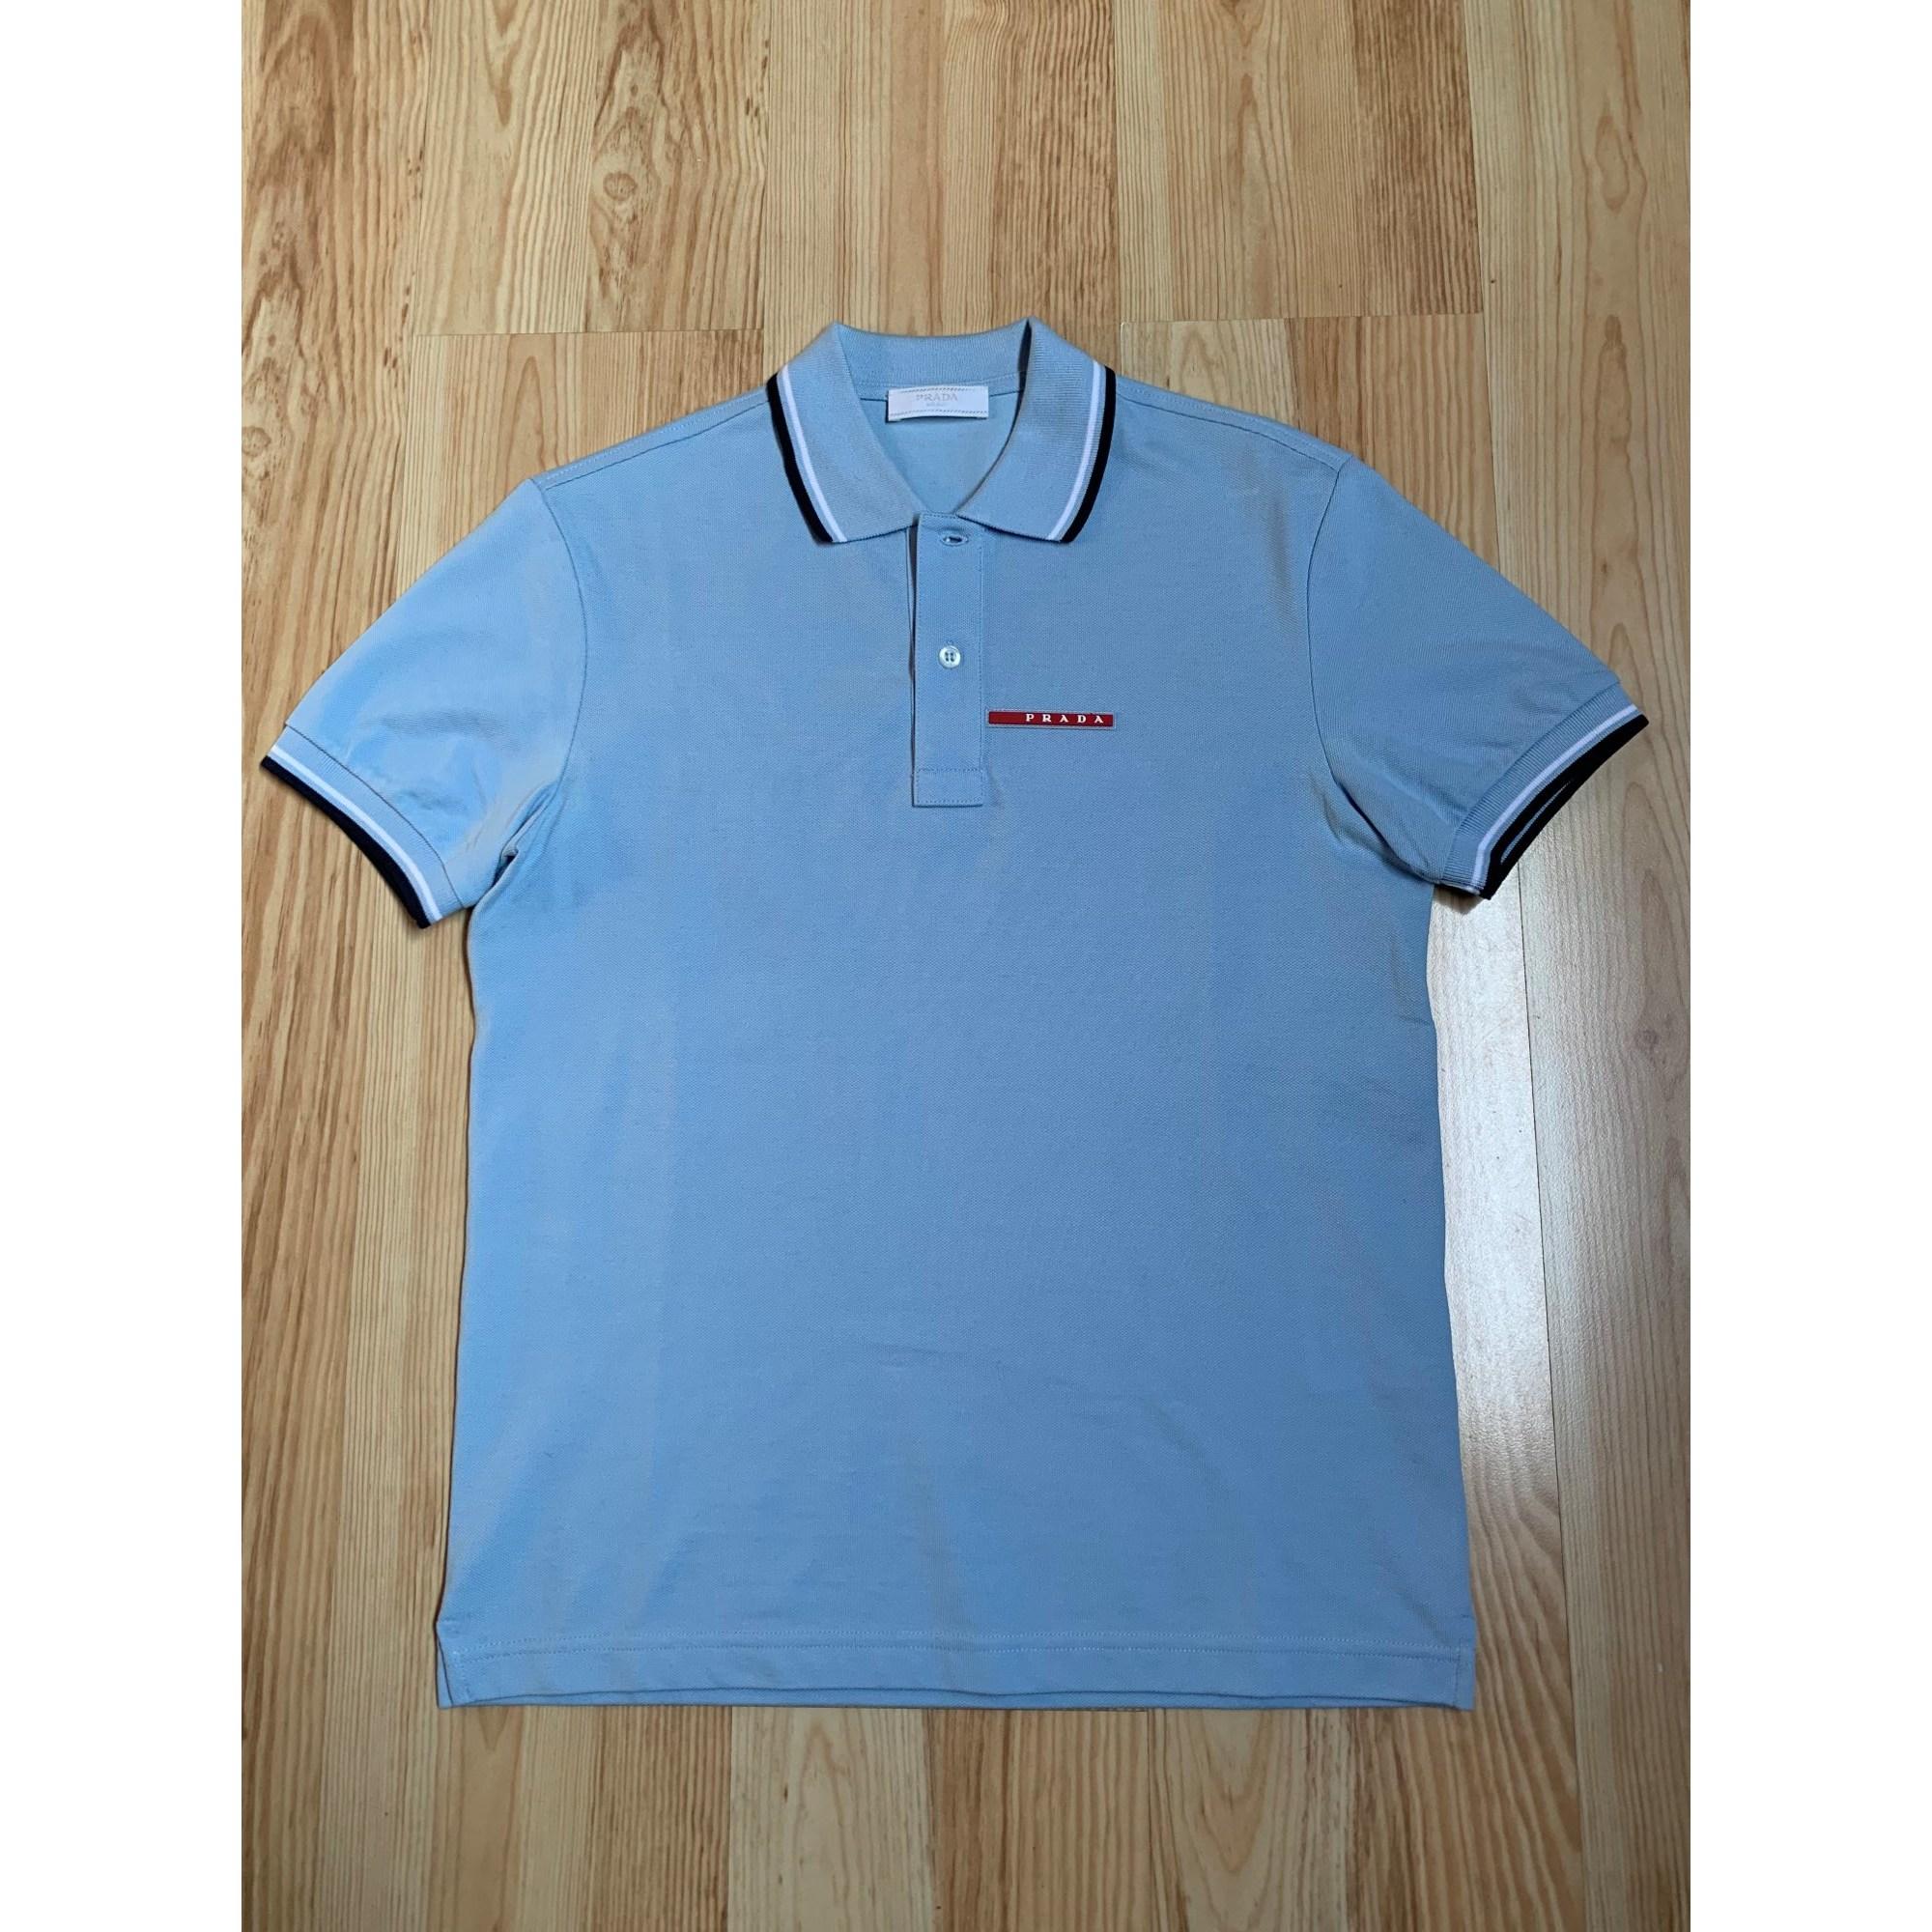 Polo PRADA Bleu, bleu marine, bleu turquoise